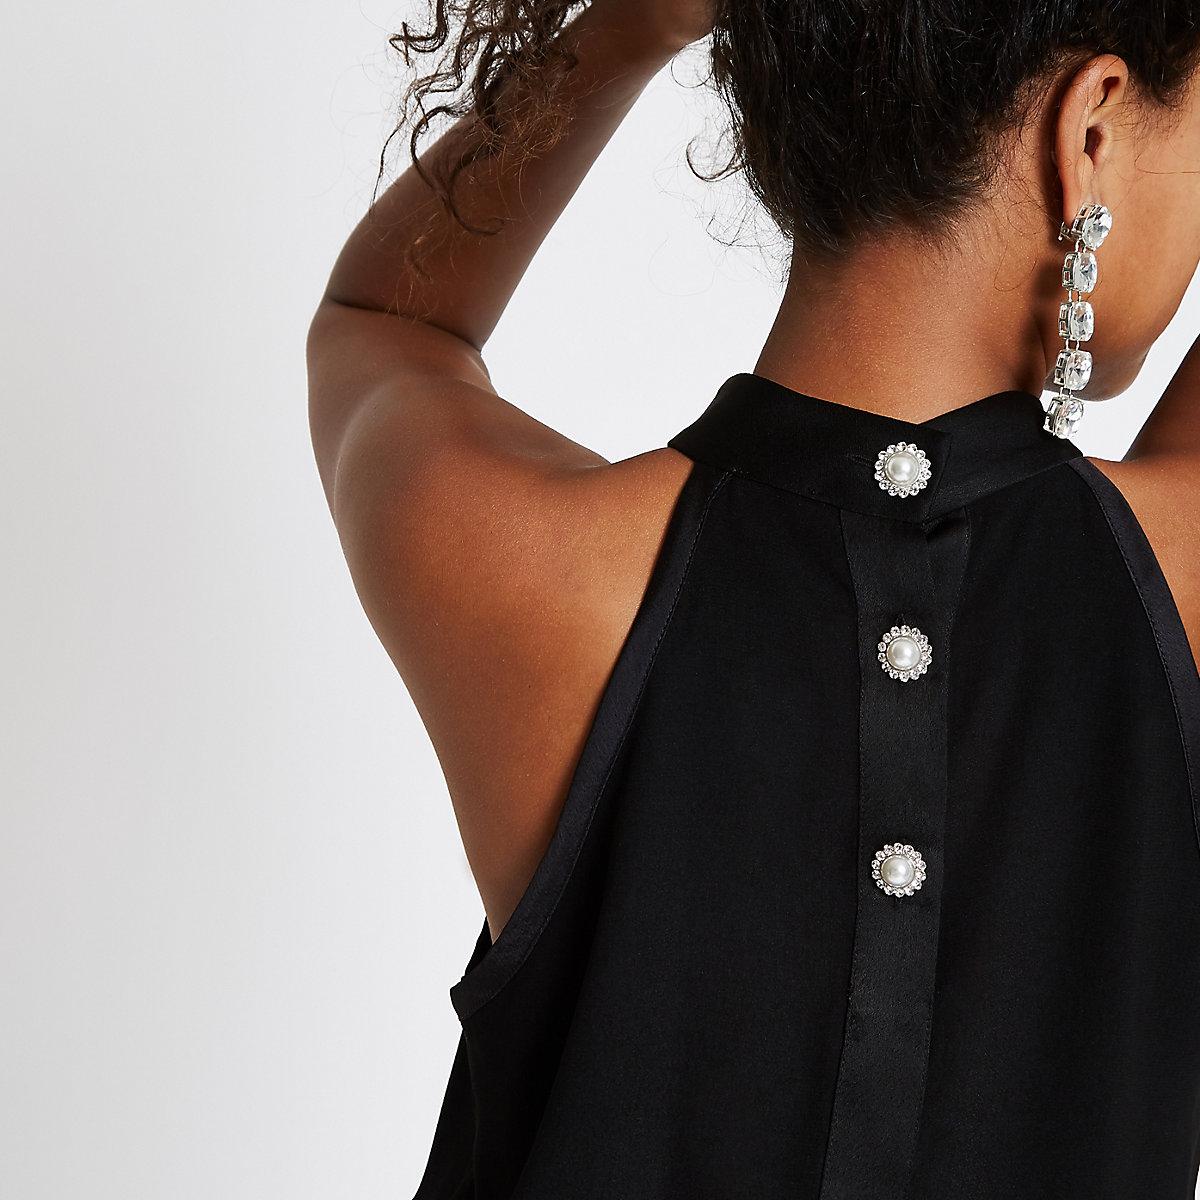 Schwarzes Neckholderoberteil mit Perlenverzierung